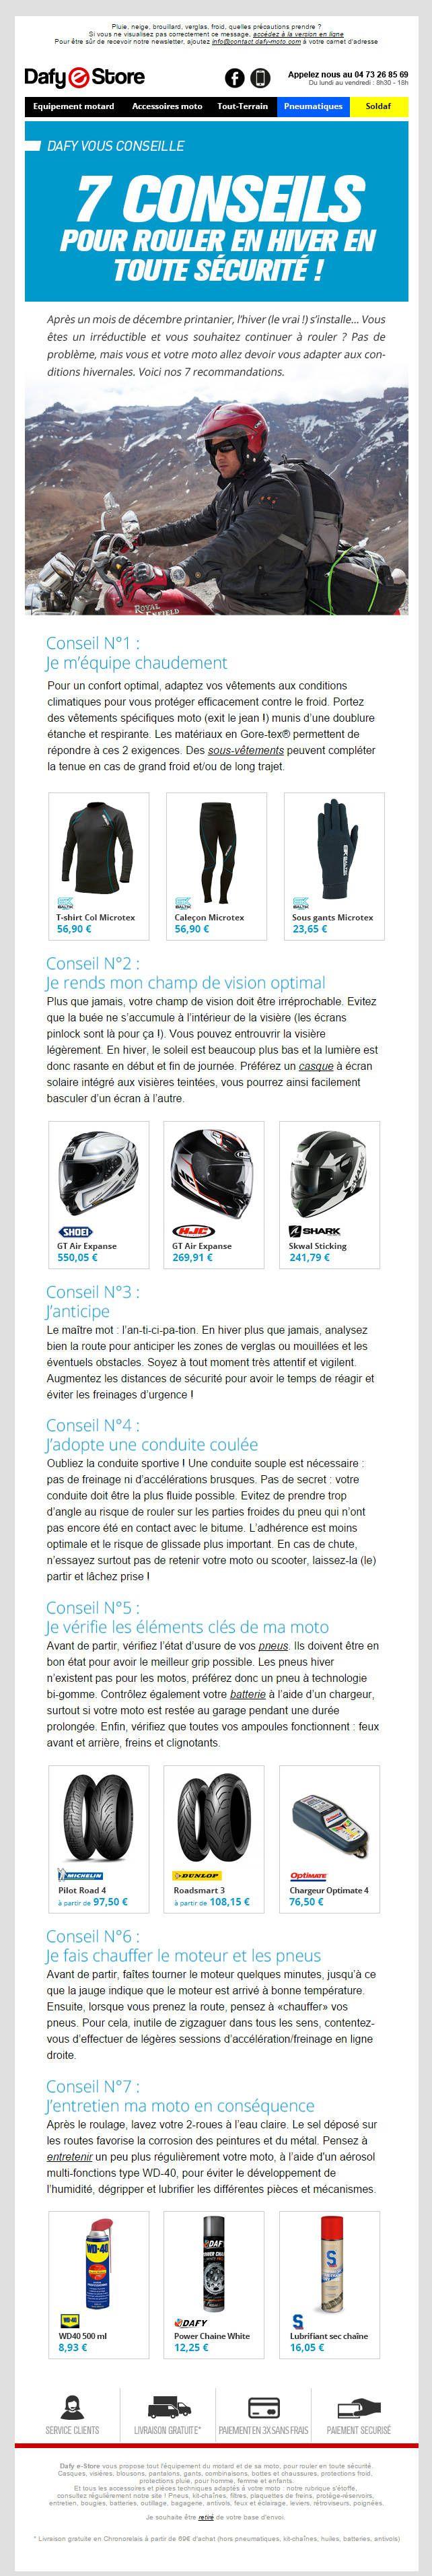 Dafy Moto : Email éditorial, conseils et sélection de produits